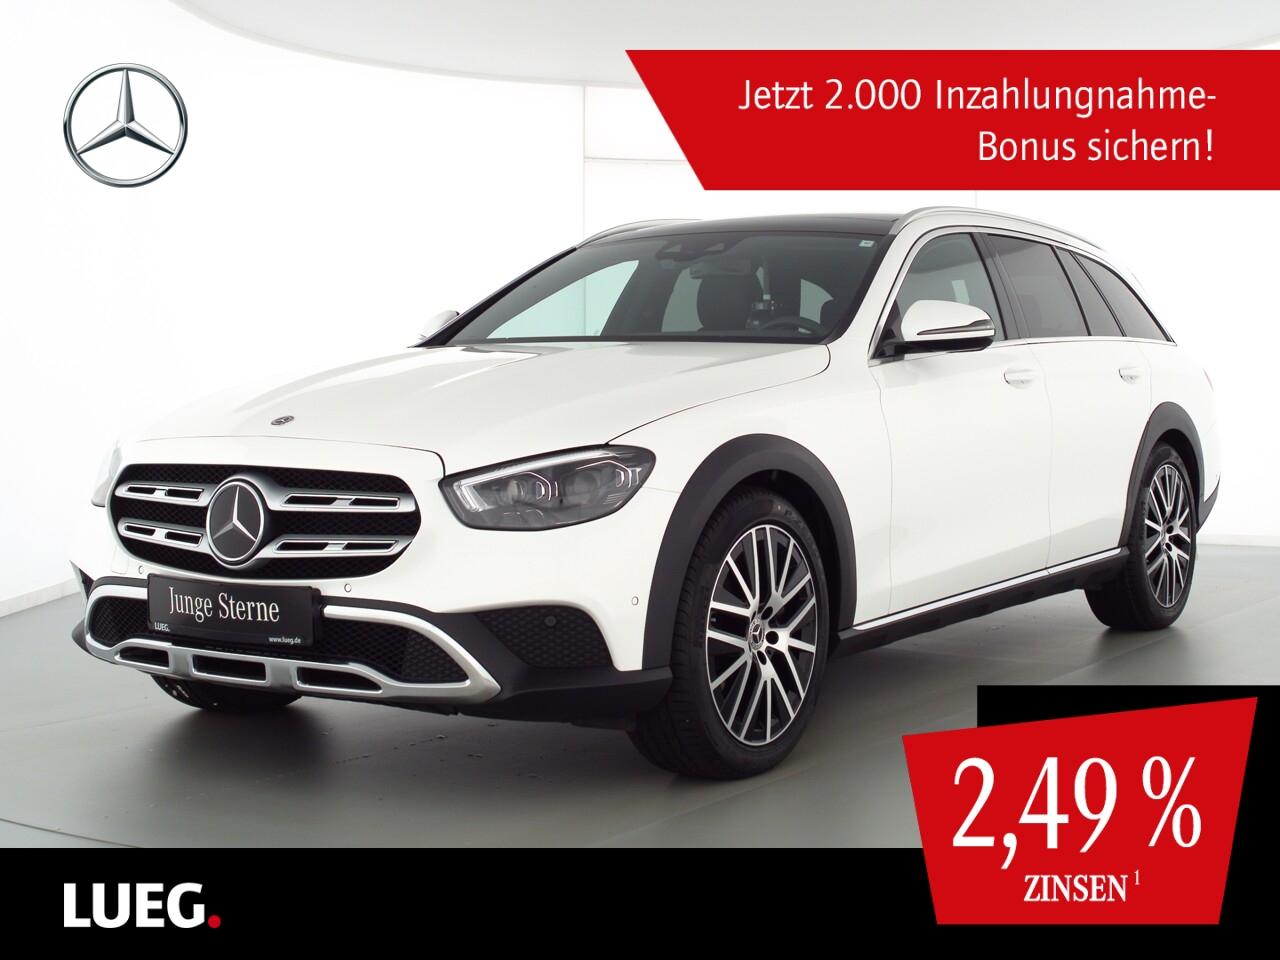 Mercedes-Benz E 400 d T 4M All-Terrain MBUXHighEd+PD+Mbeam+AHK, Jahr 2020, Diesel